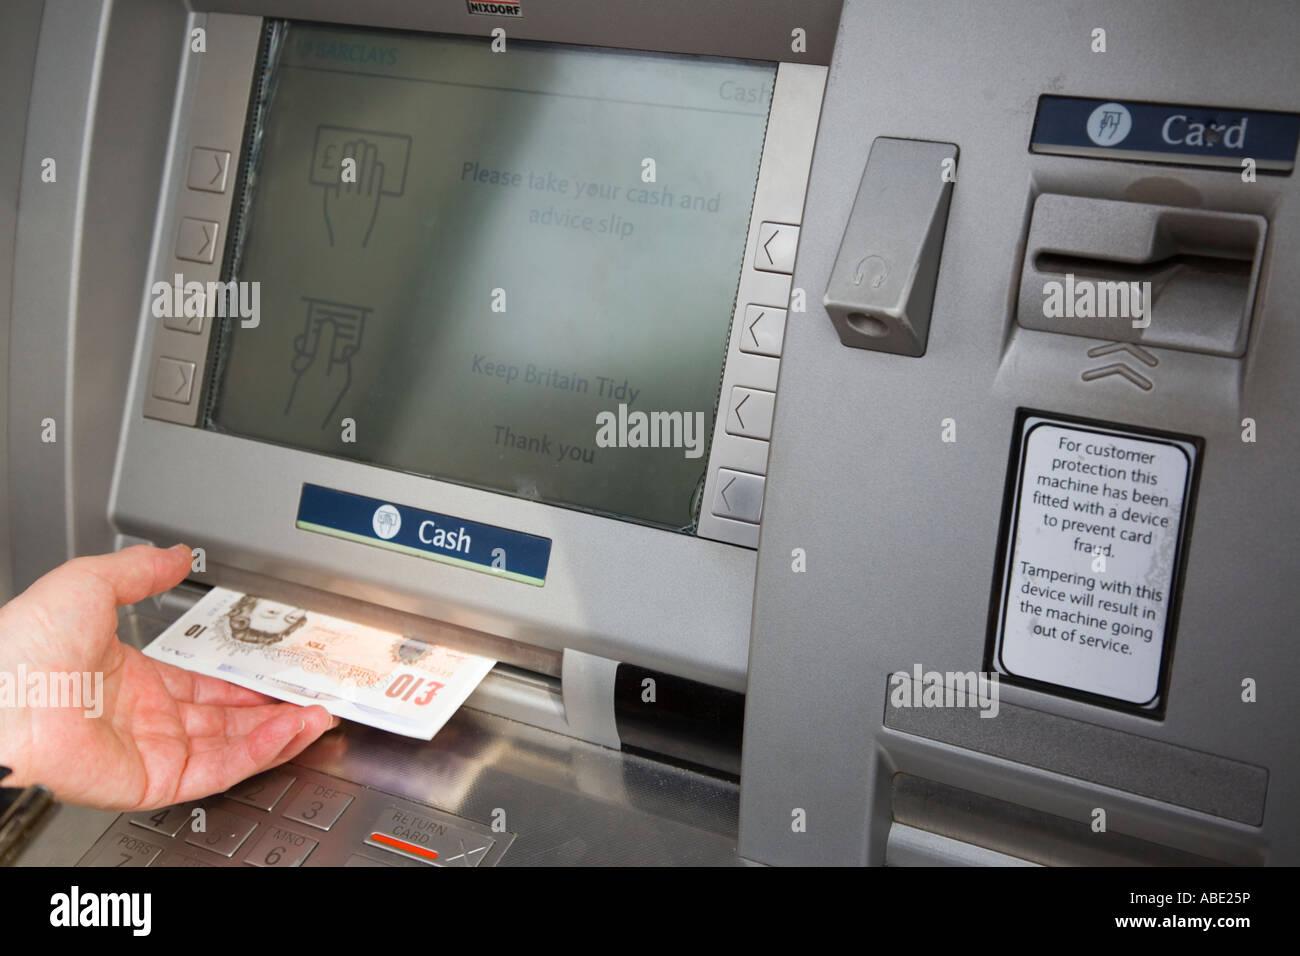 Geldautomat Geldautomat Hole in der Wand Bankerzähler entfernen Geld Bildschirm mit einem Rentner die Hand unter £10 Sterling Noten. England Großbritannien Stockfoto